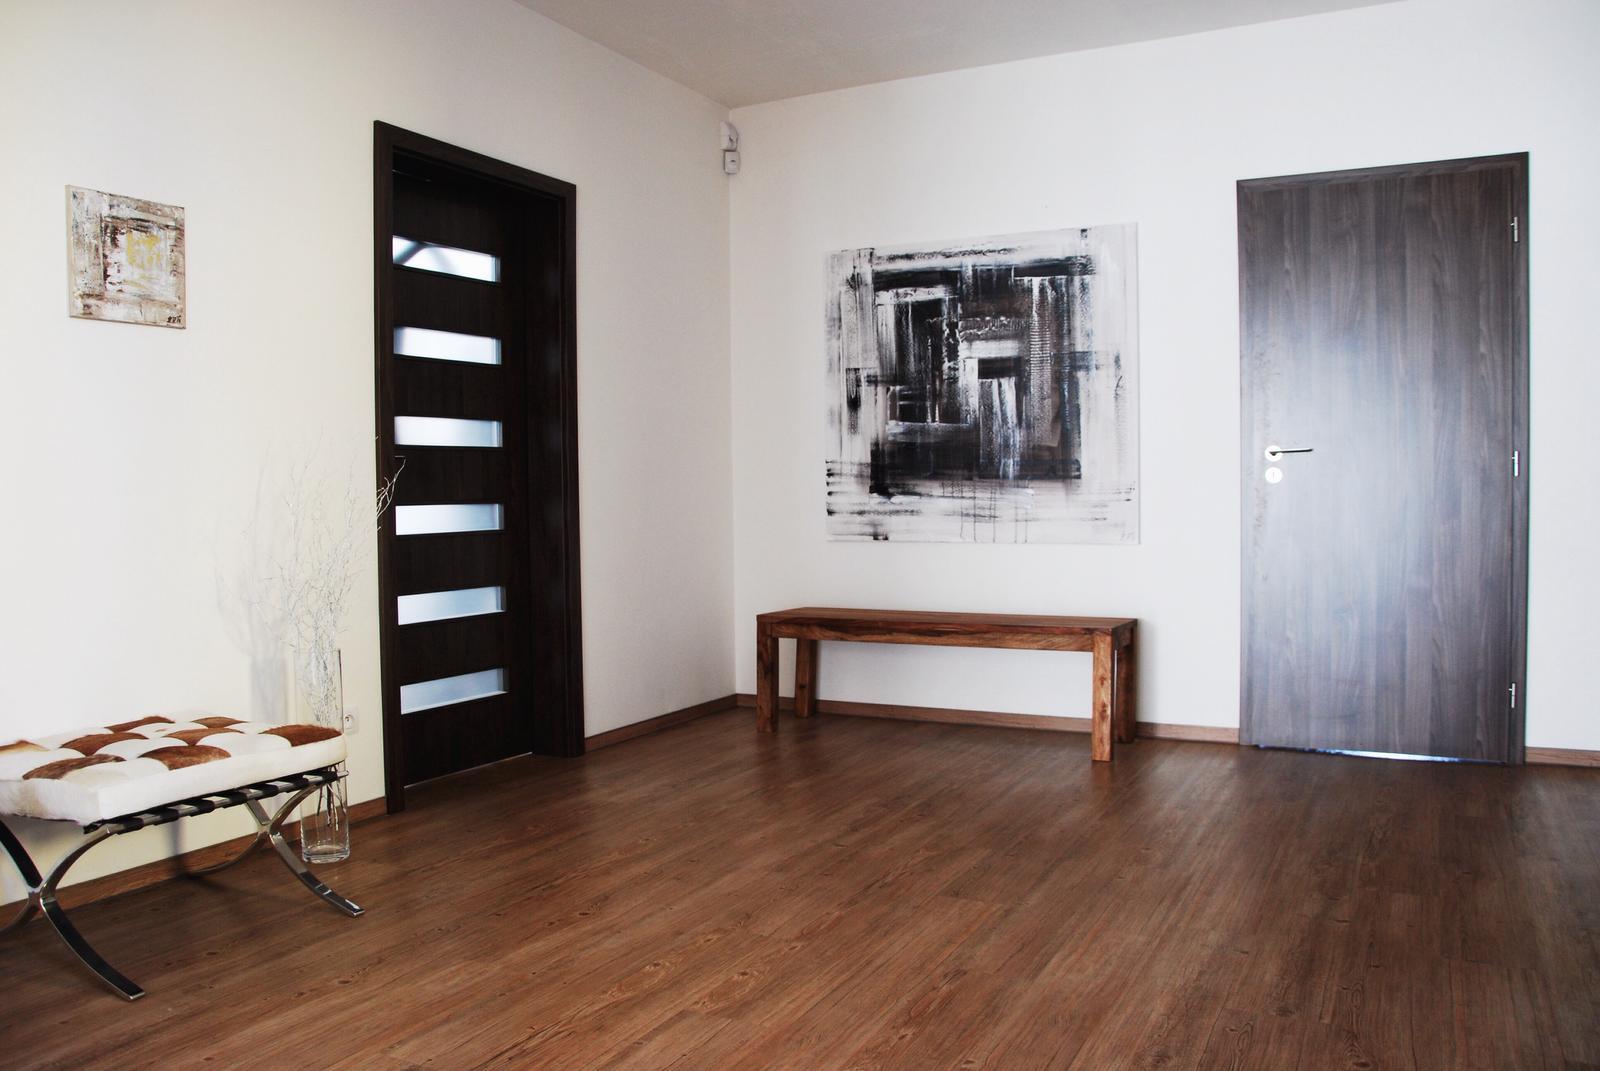 Mé obrazy v interiérech - Obrázek č. 21